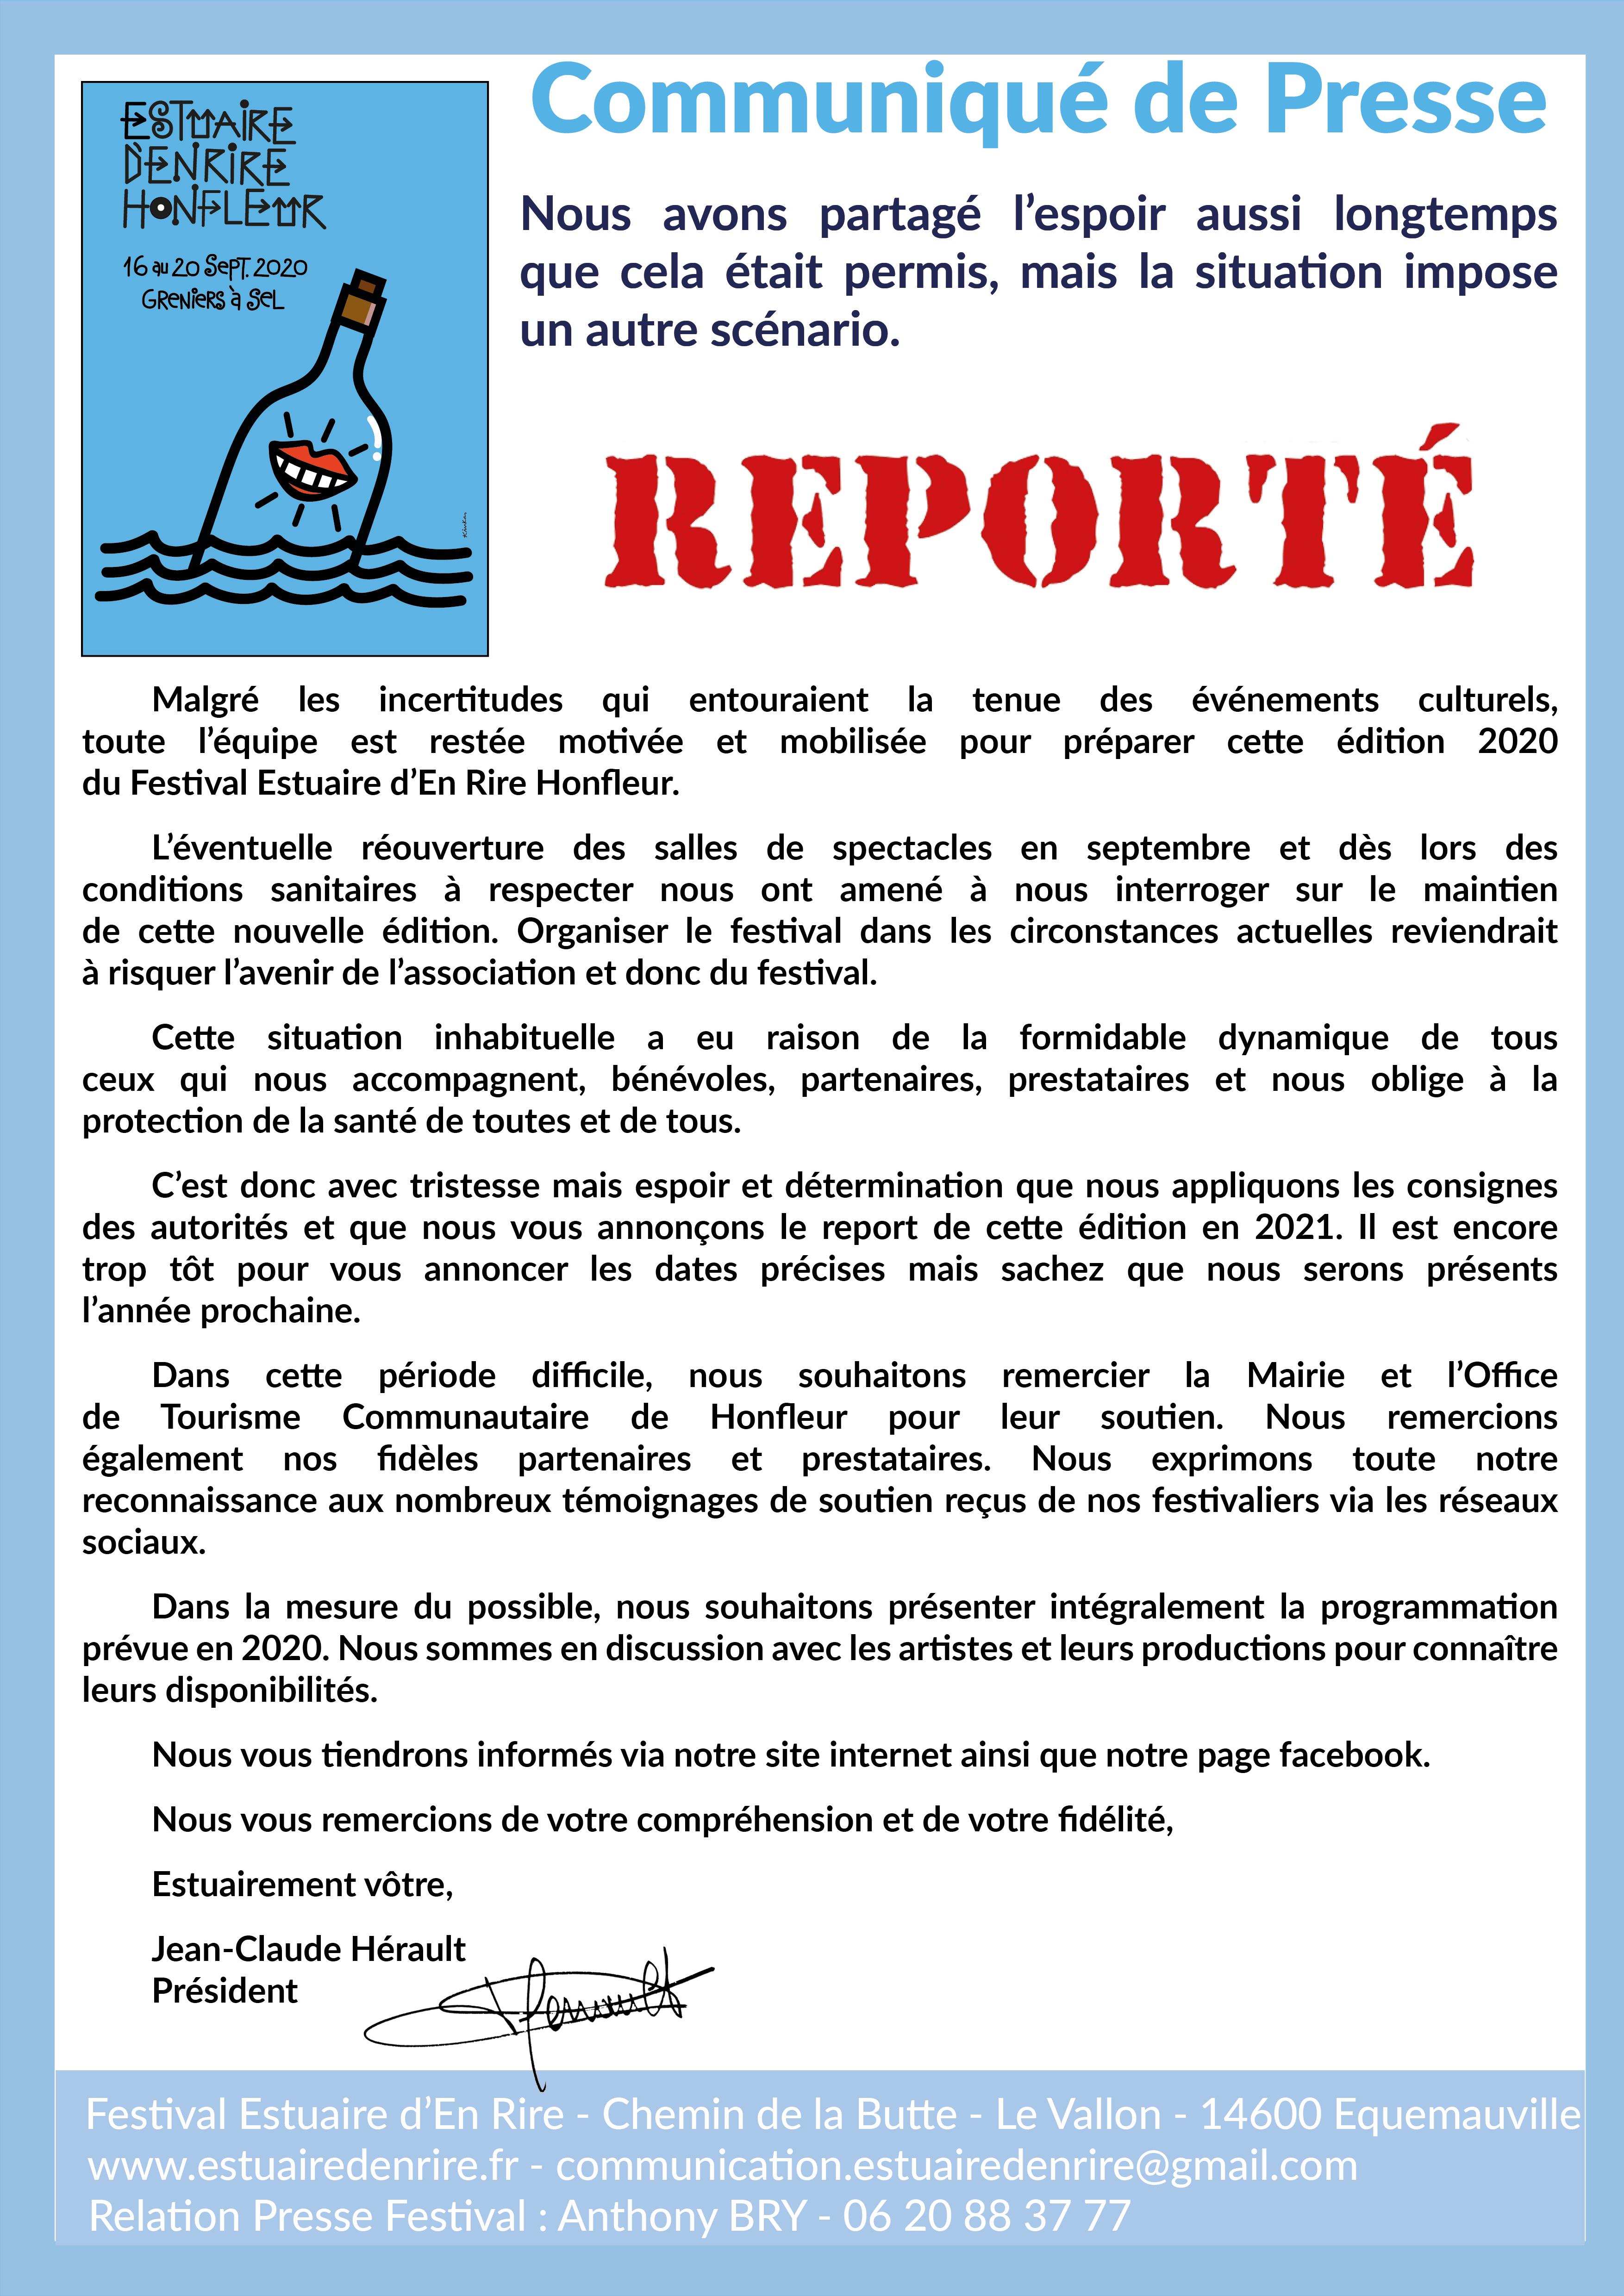 Communiqué_de_Presse_-_Report_Edition_2020